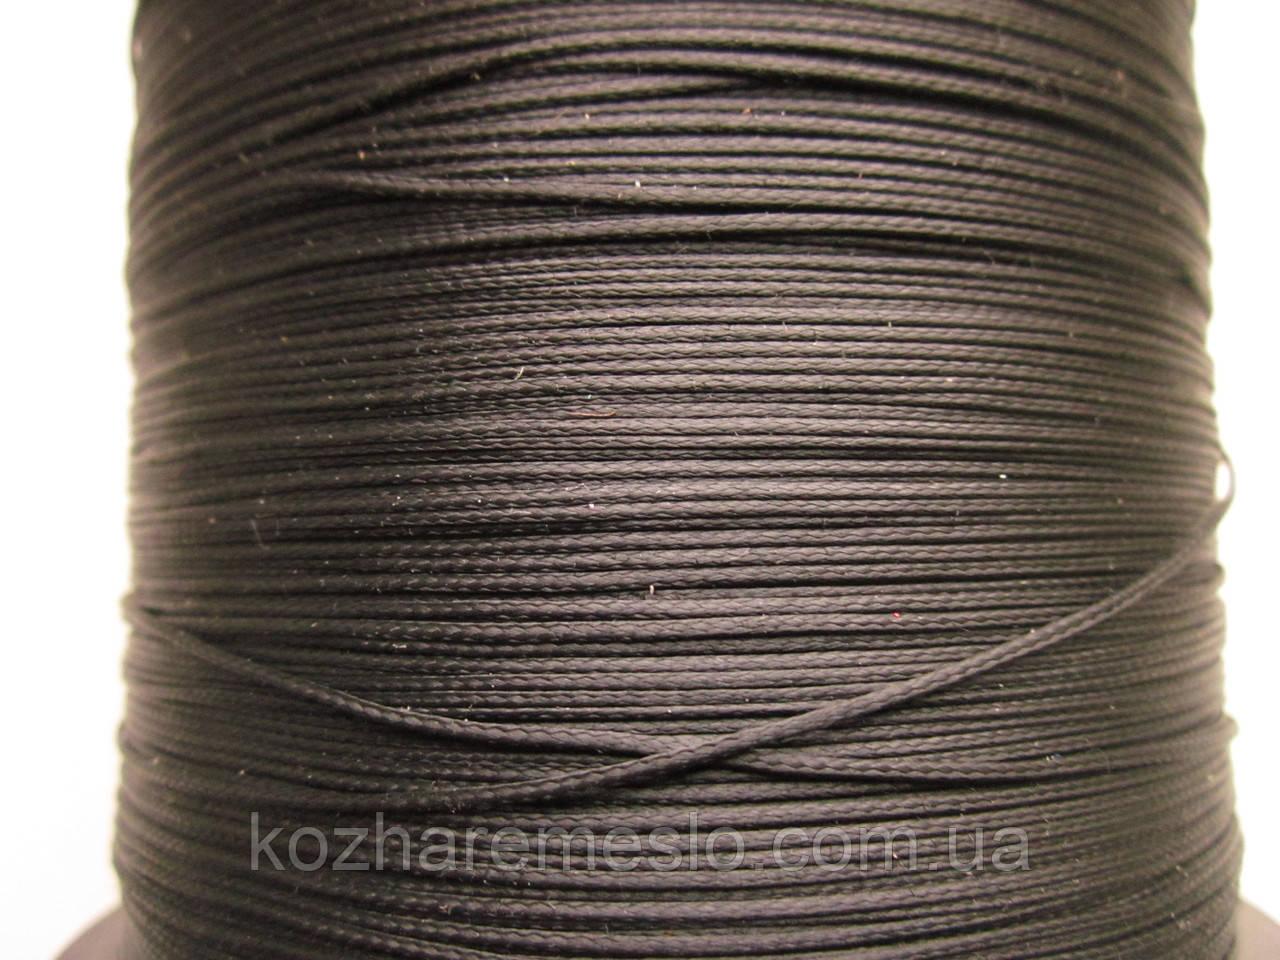 Нить полувощёная плетёная 0,8 мм жемчужная (тёмно-серая) ИТАЛИЯ 1000 метров